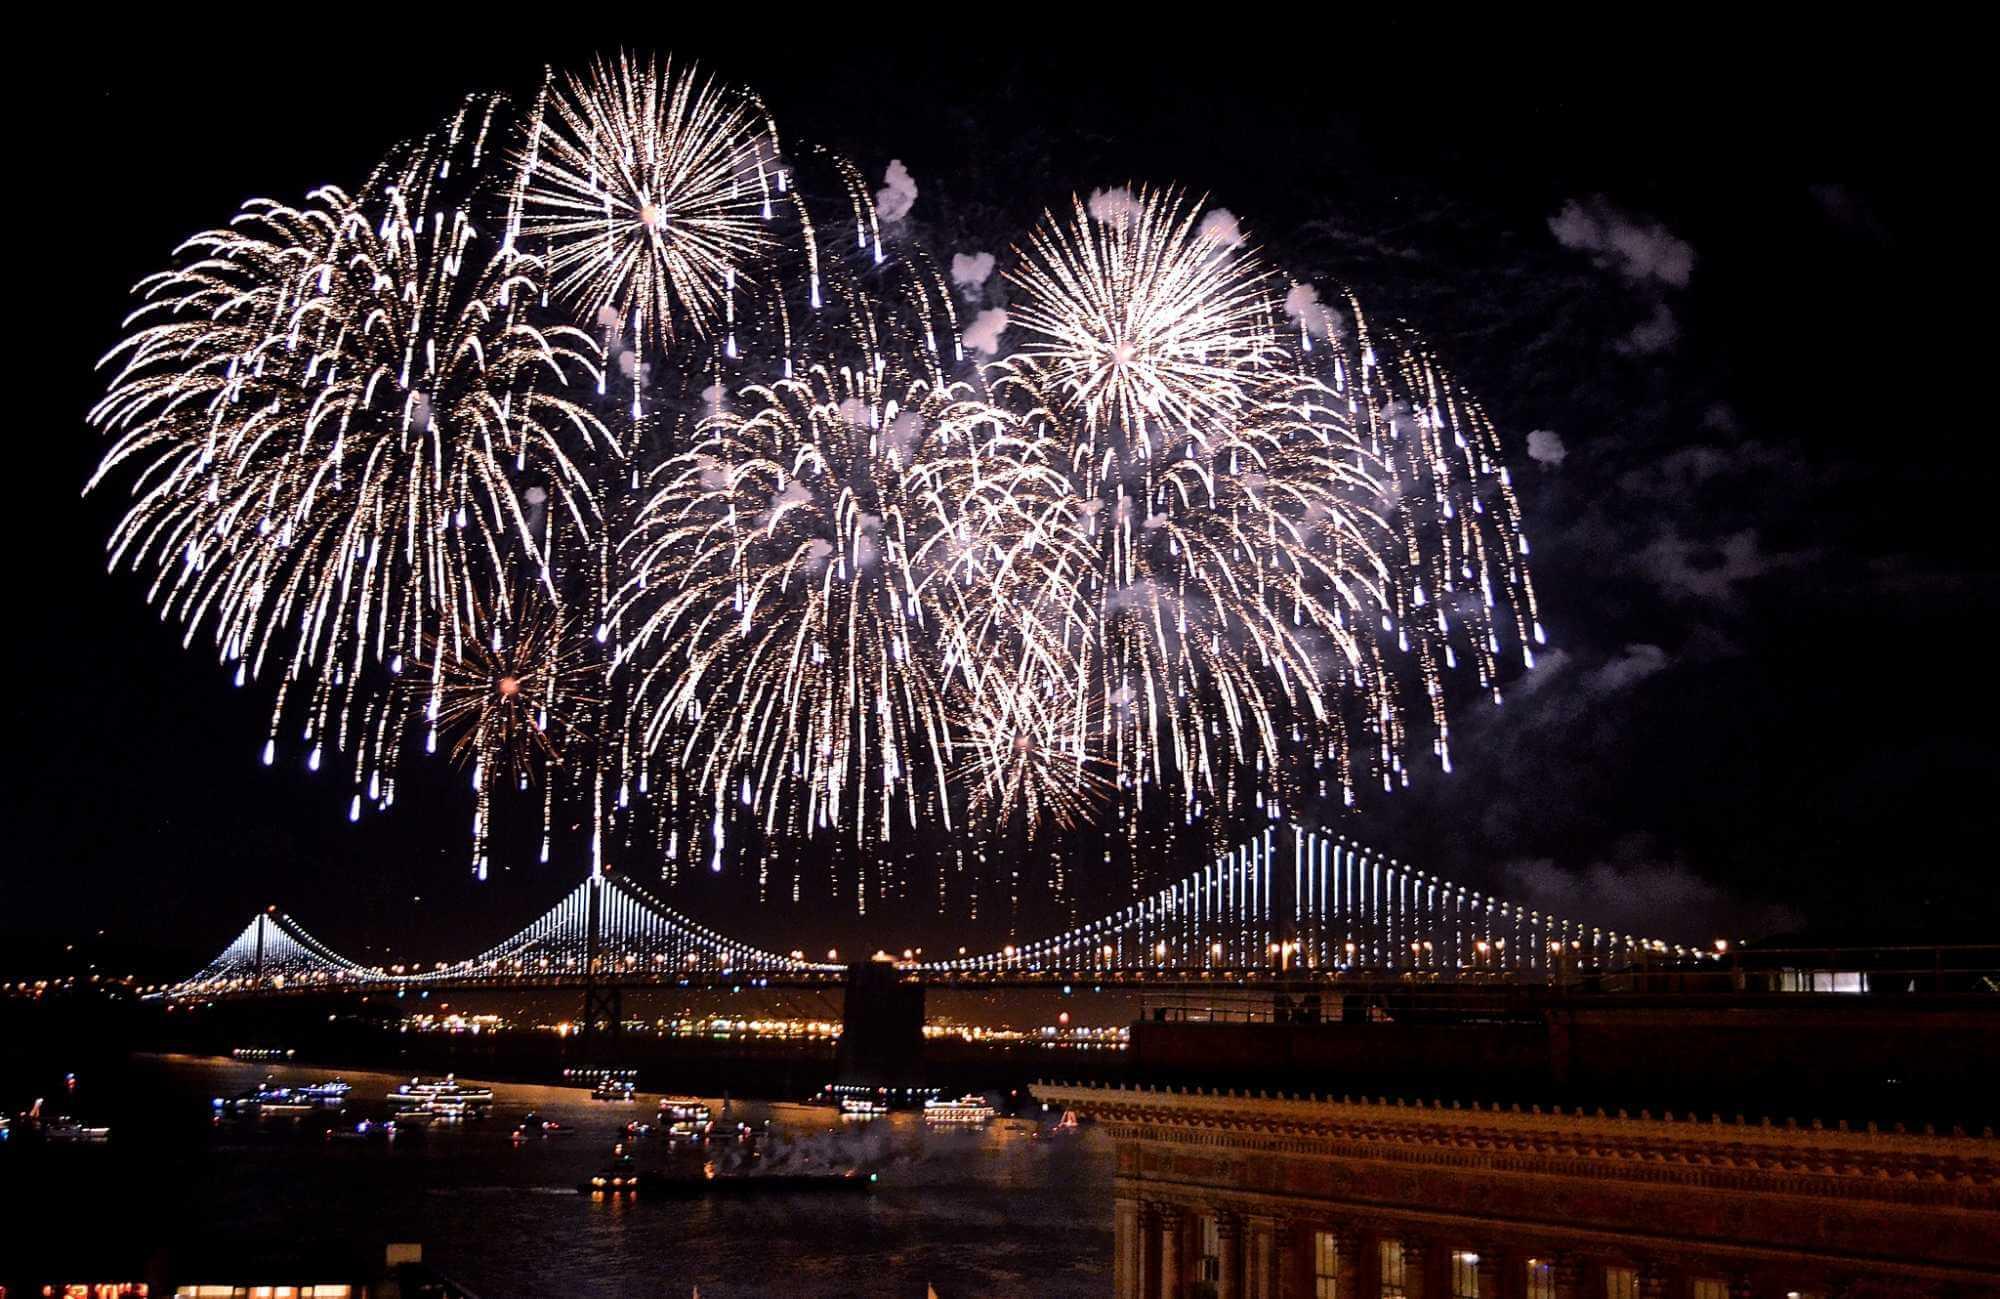 embarcadero-fireworks-nye-sf